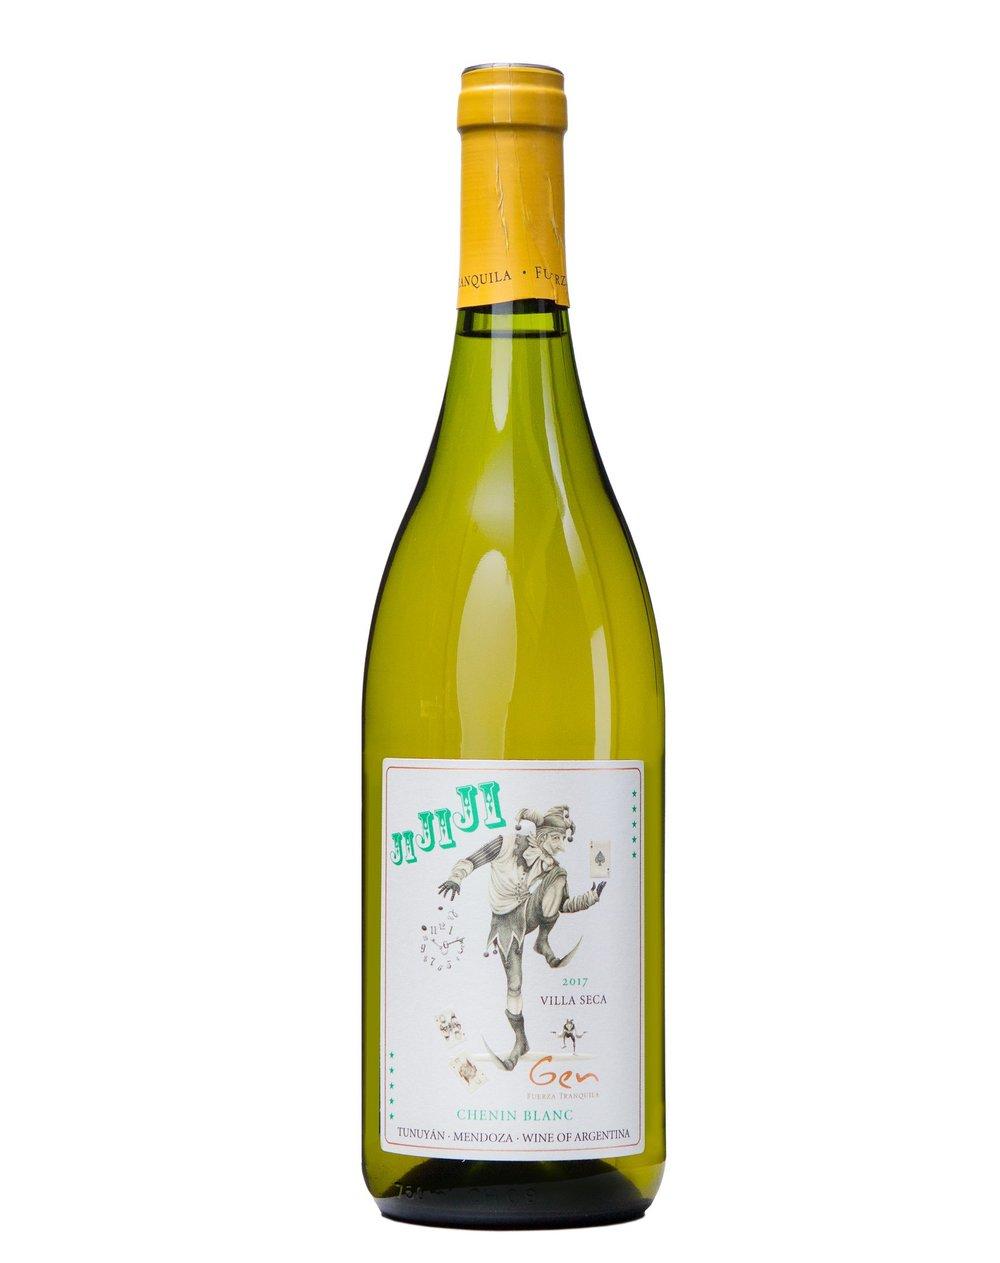 Plonk_2018_01_Bottle_Gen_del_Alma_Ji_Ji_Ji_Chenin_Blanc_2048x2048.jpg